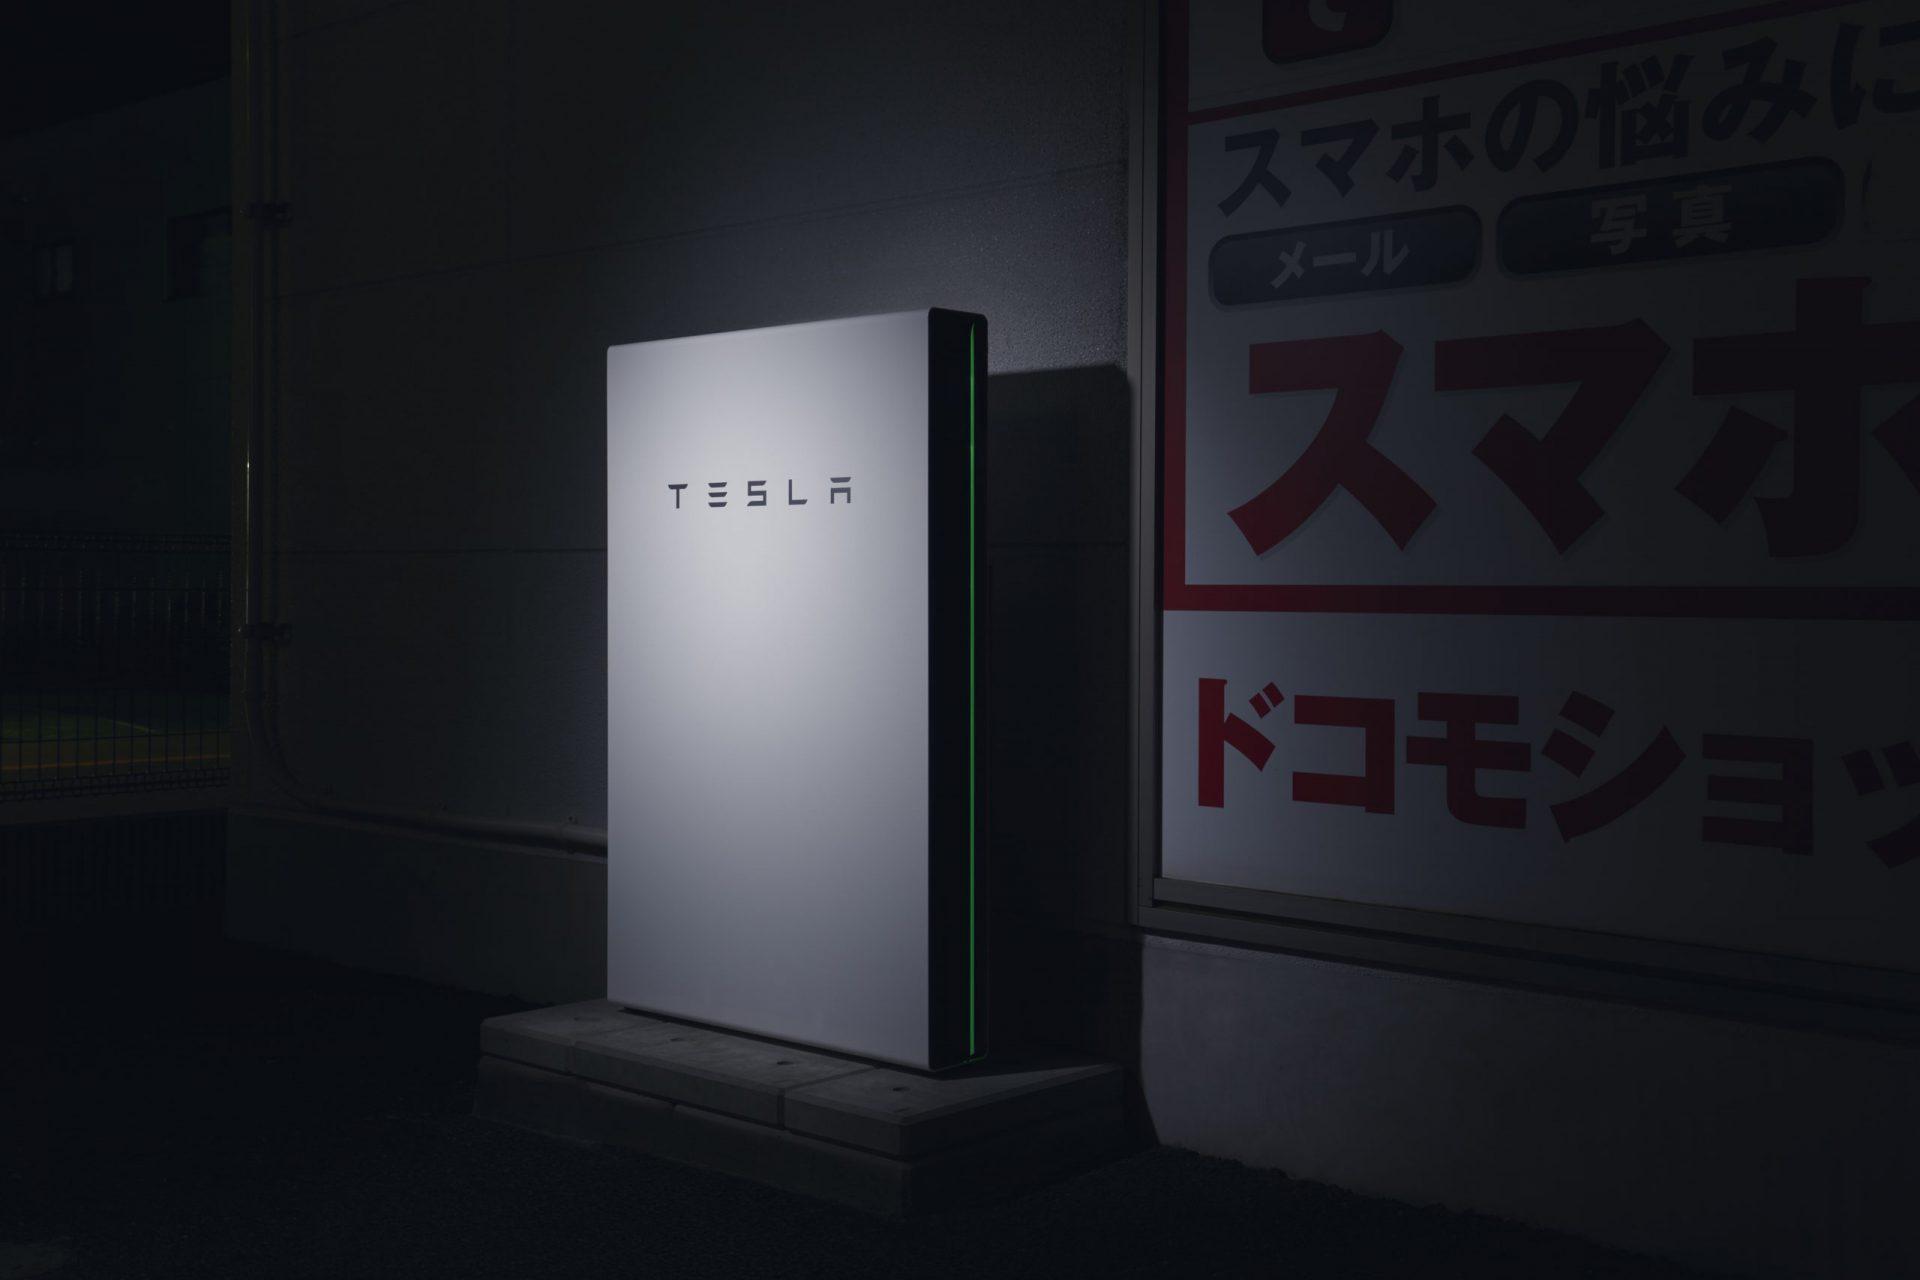 テスラ製蓄電池がドコモショップに登場!蓄電池の魅力を体感しよう!-3